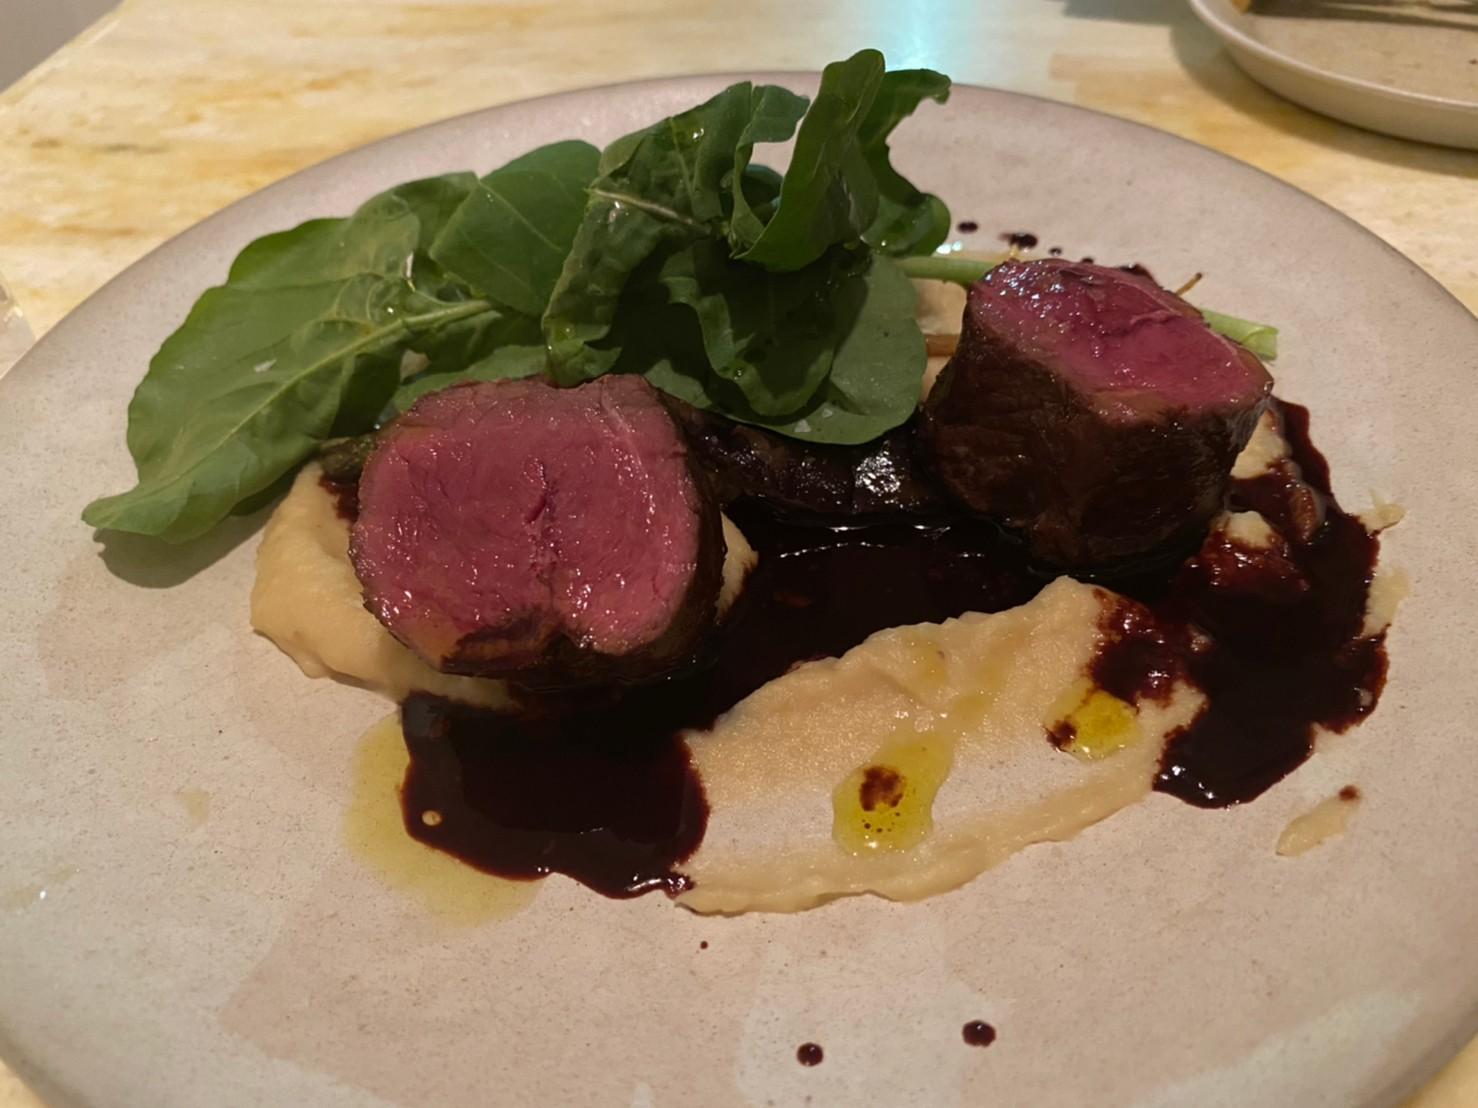 桜山|ちょっぴりオトナな贅沢ディナー。美味しいワインと料理に酔いしれるハイセンスビストロ